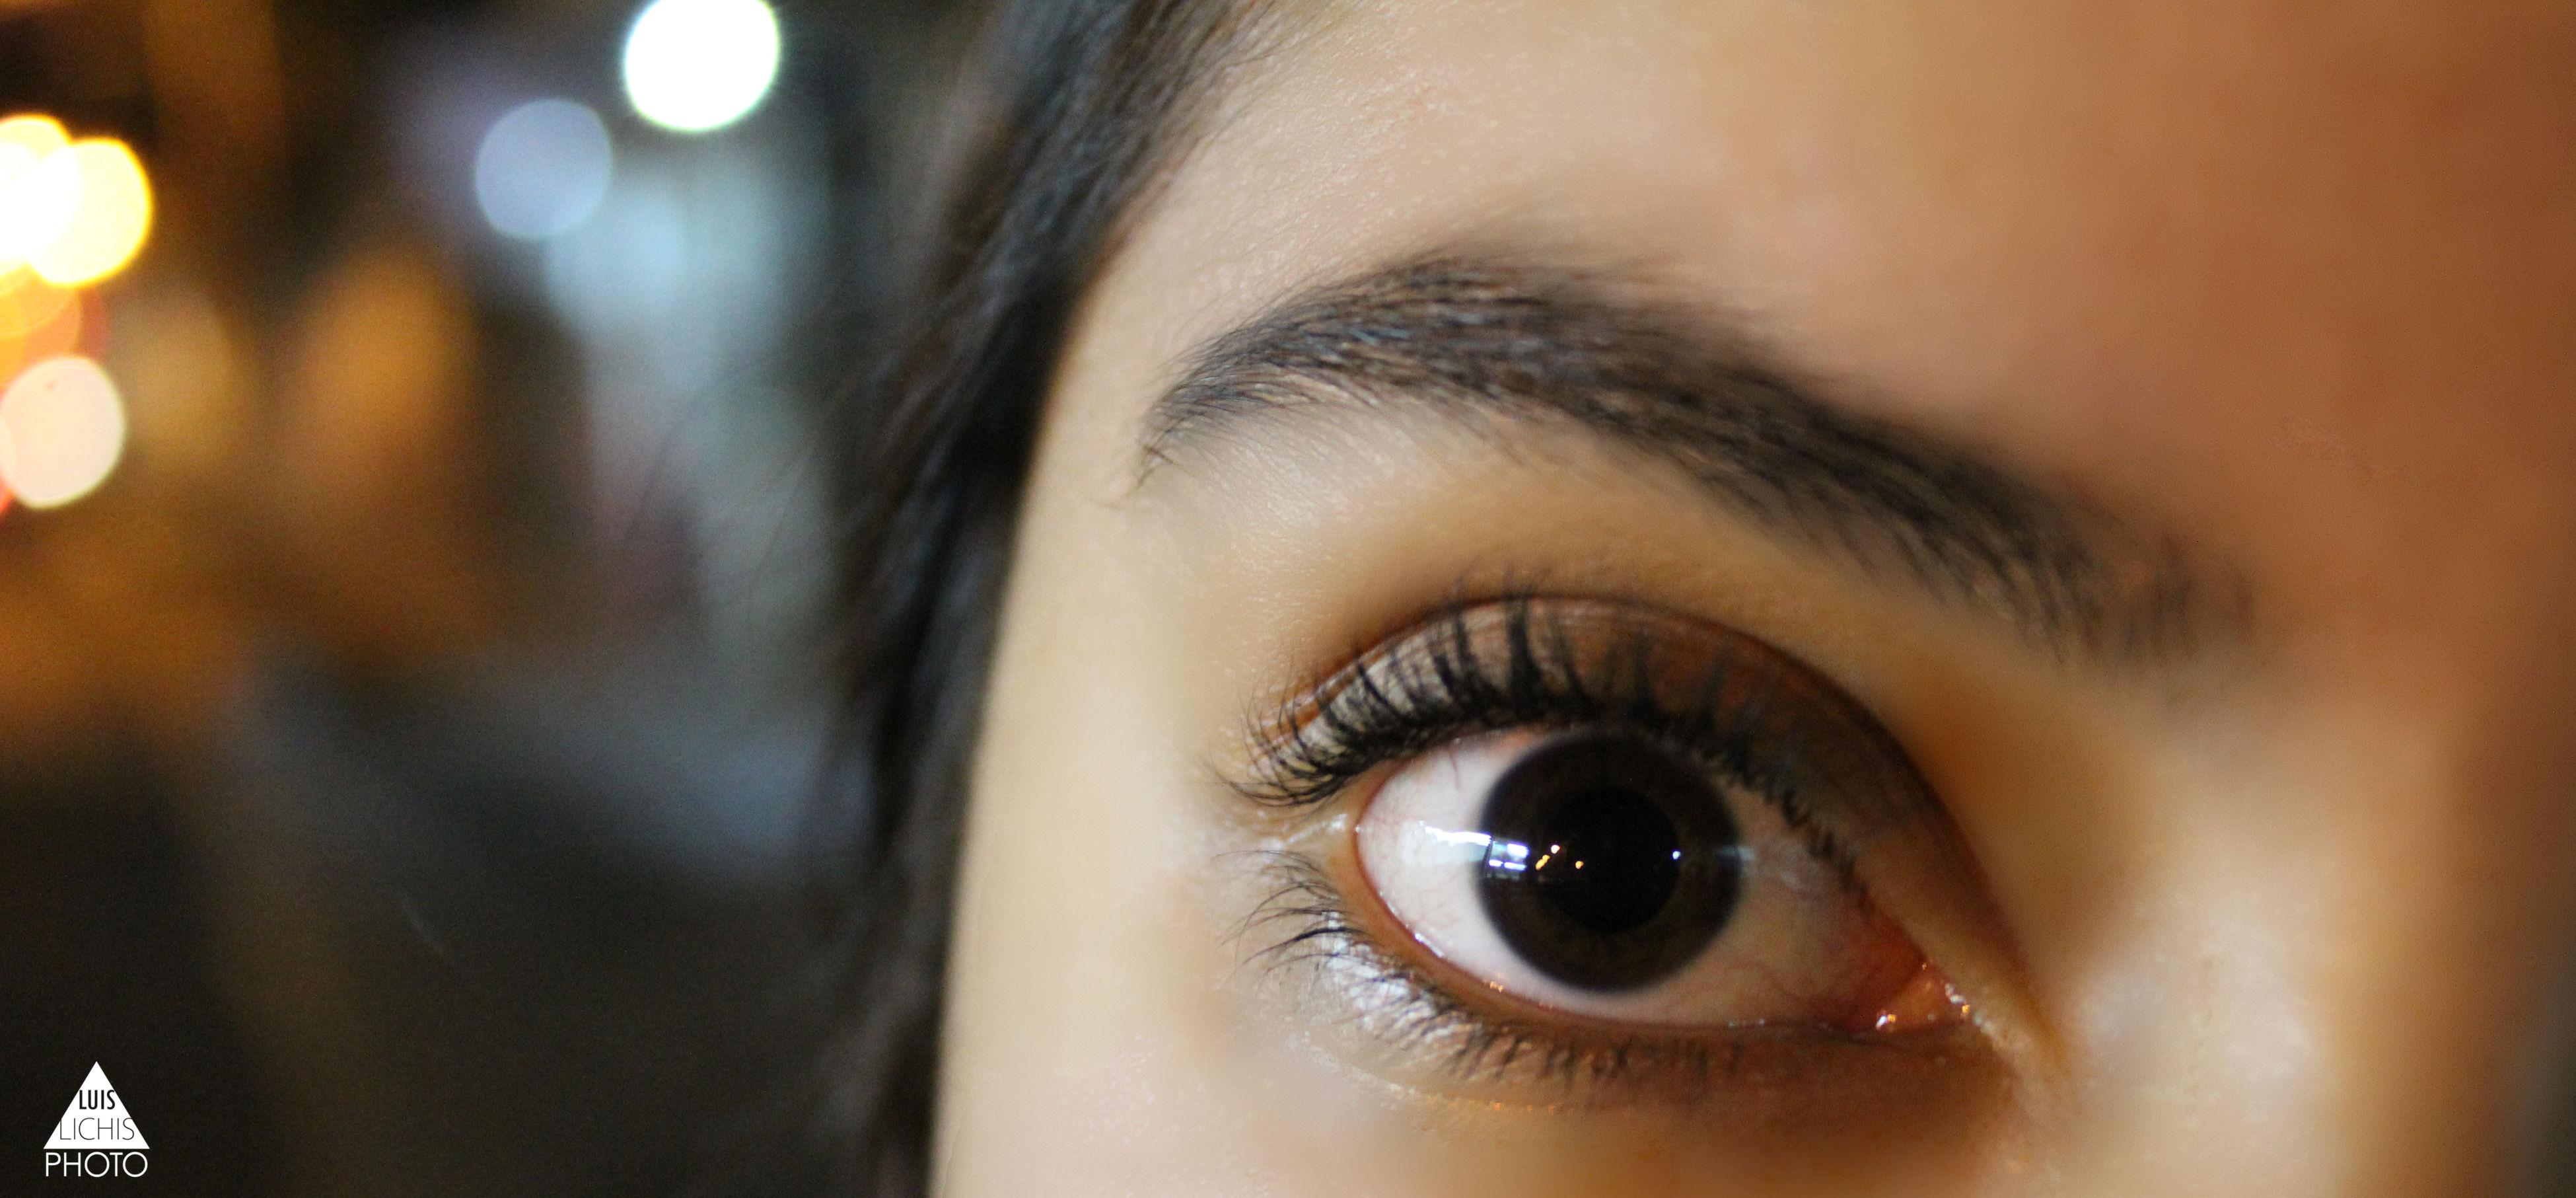 Into Your Eyes Photo Natu Eye Luis Lichis Photo